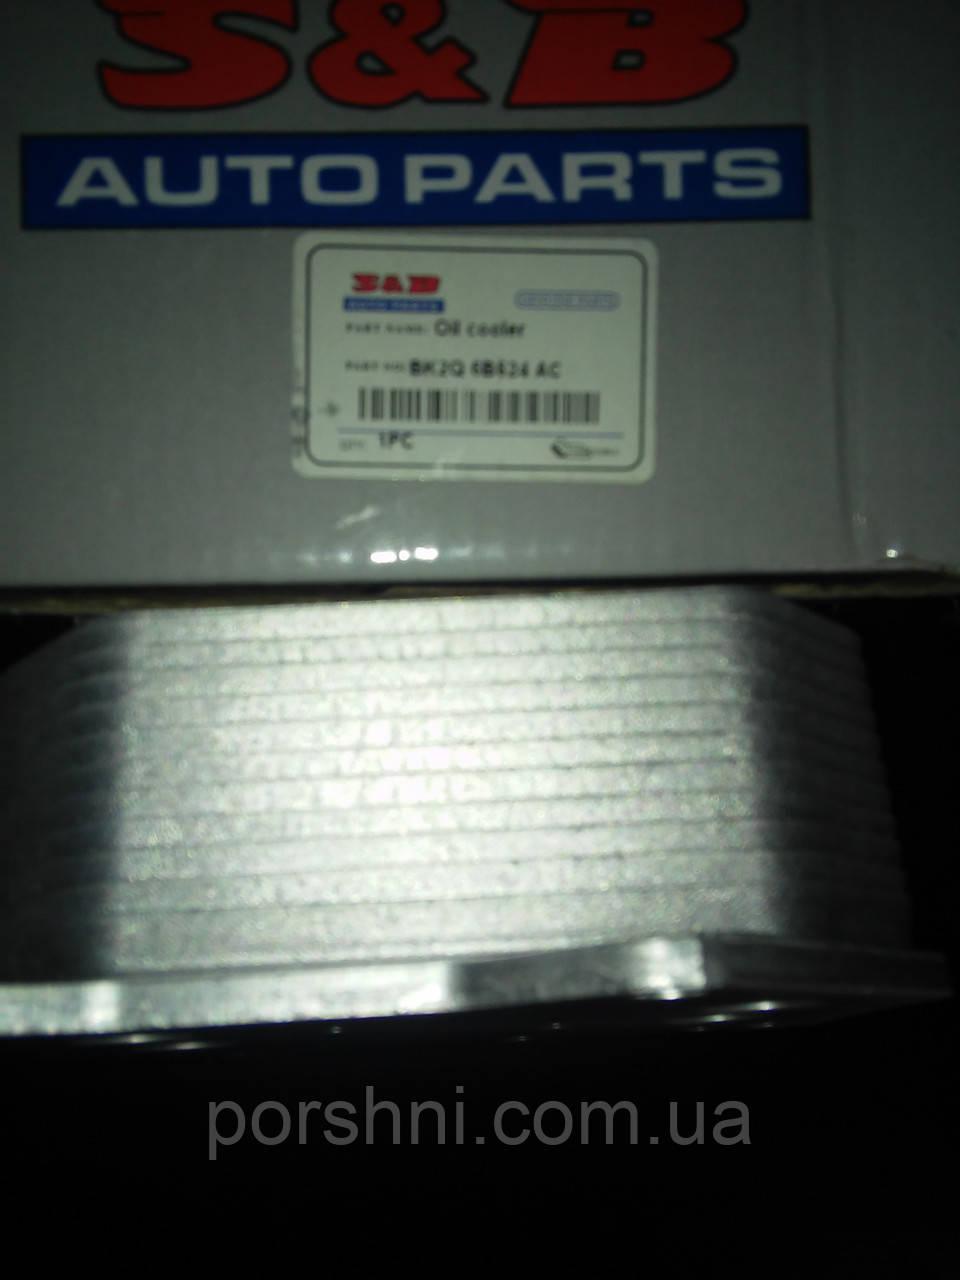 Радіатор масляного фільтра Ford Тransit V347 2.2 2006 > S&B BK2Q6B624AC